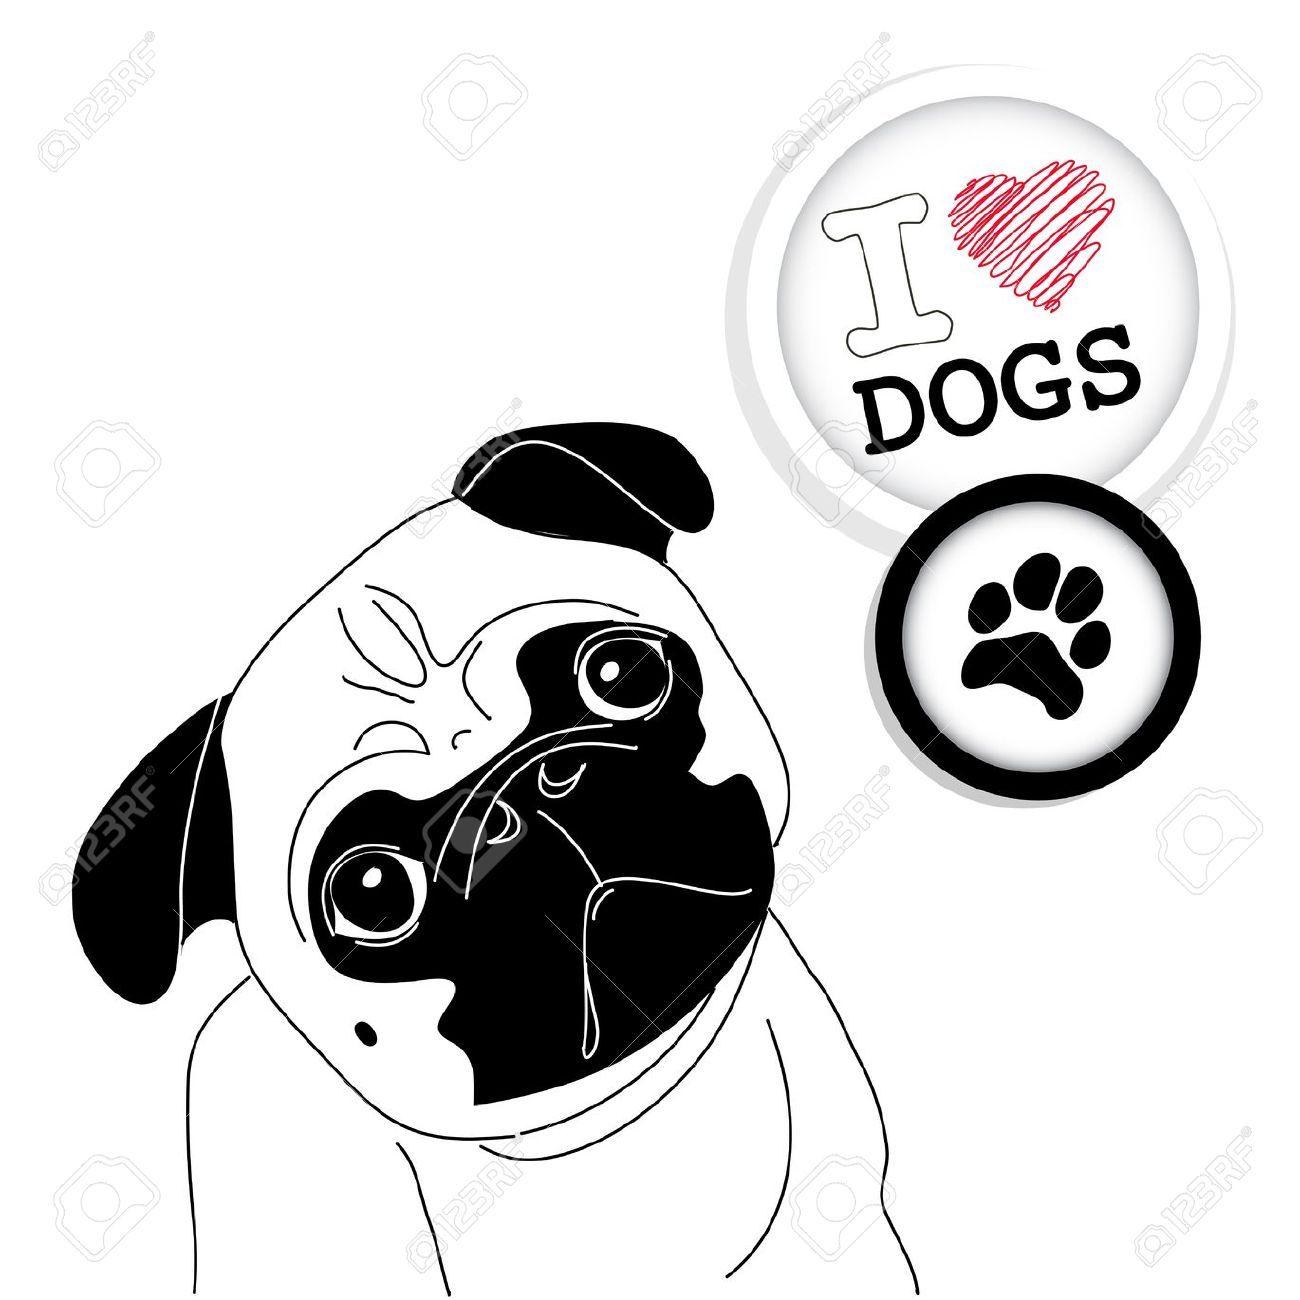 dibujos para pintar perros pugs en dibujos.net - Buscar con Google ...